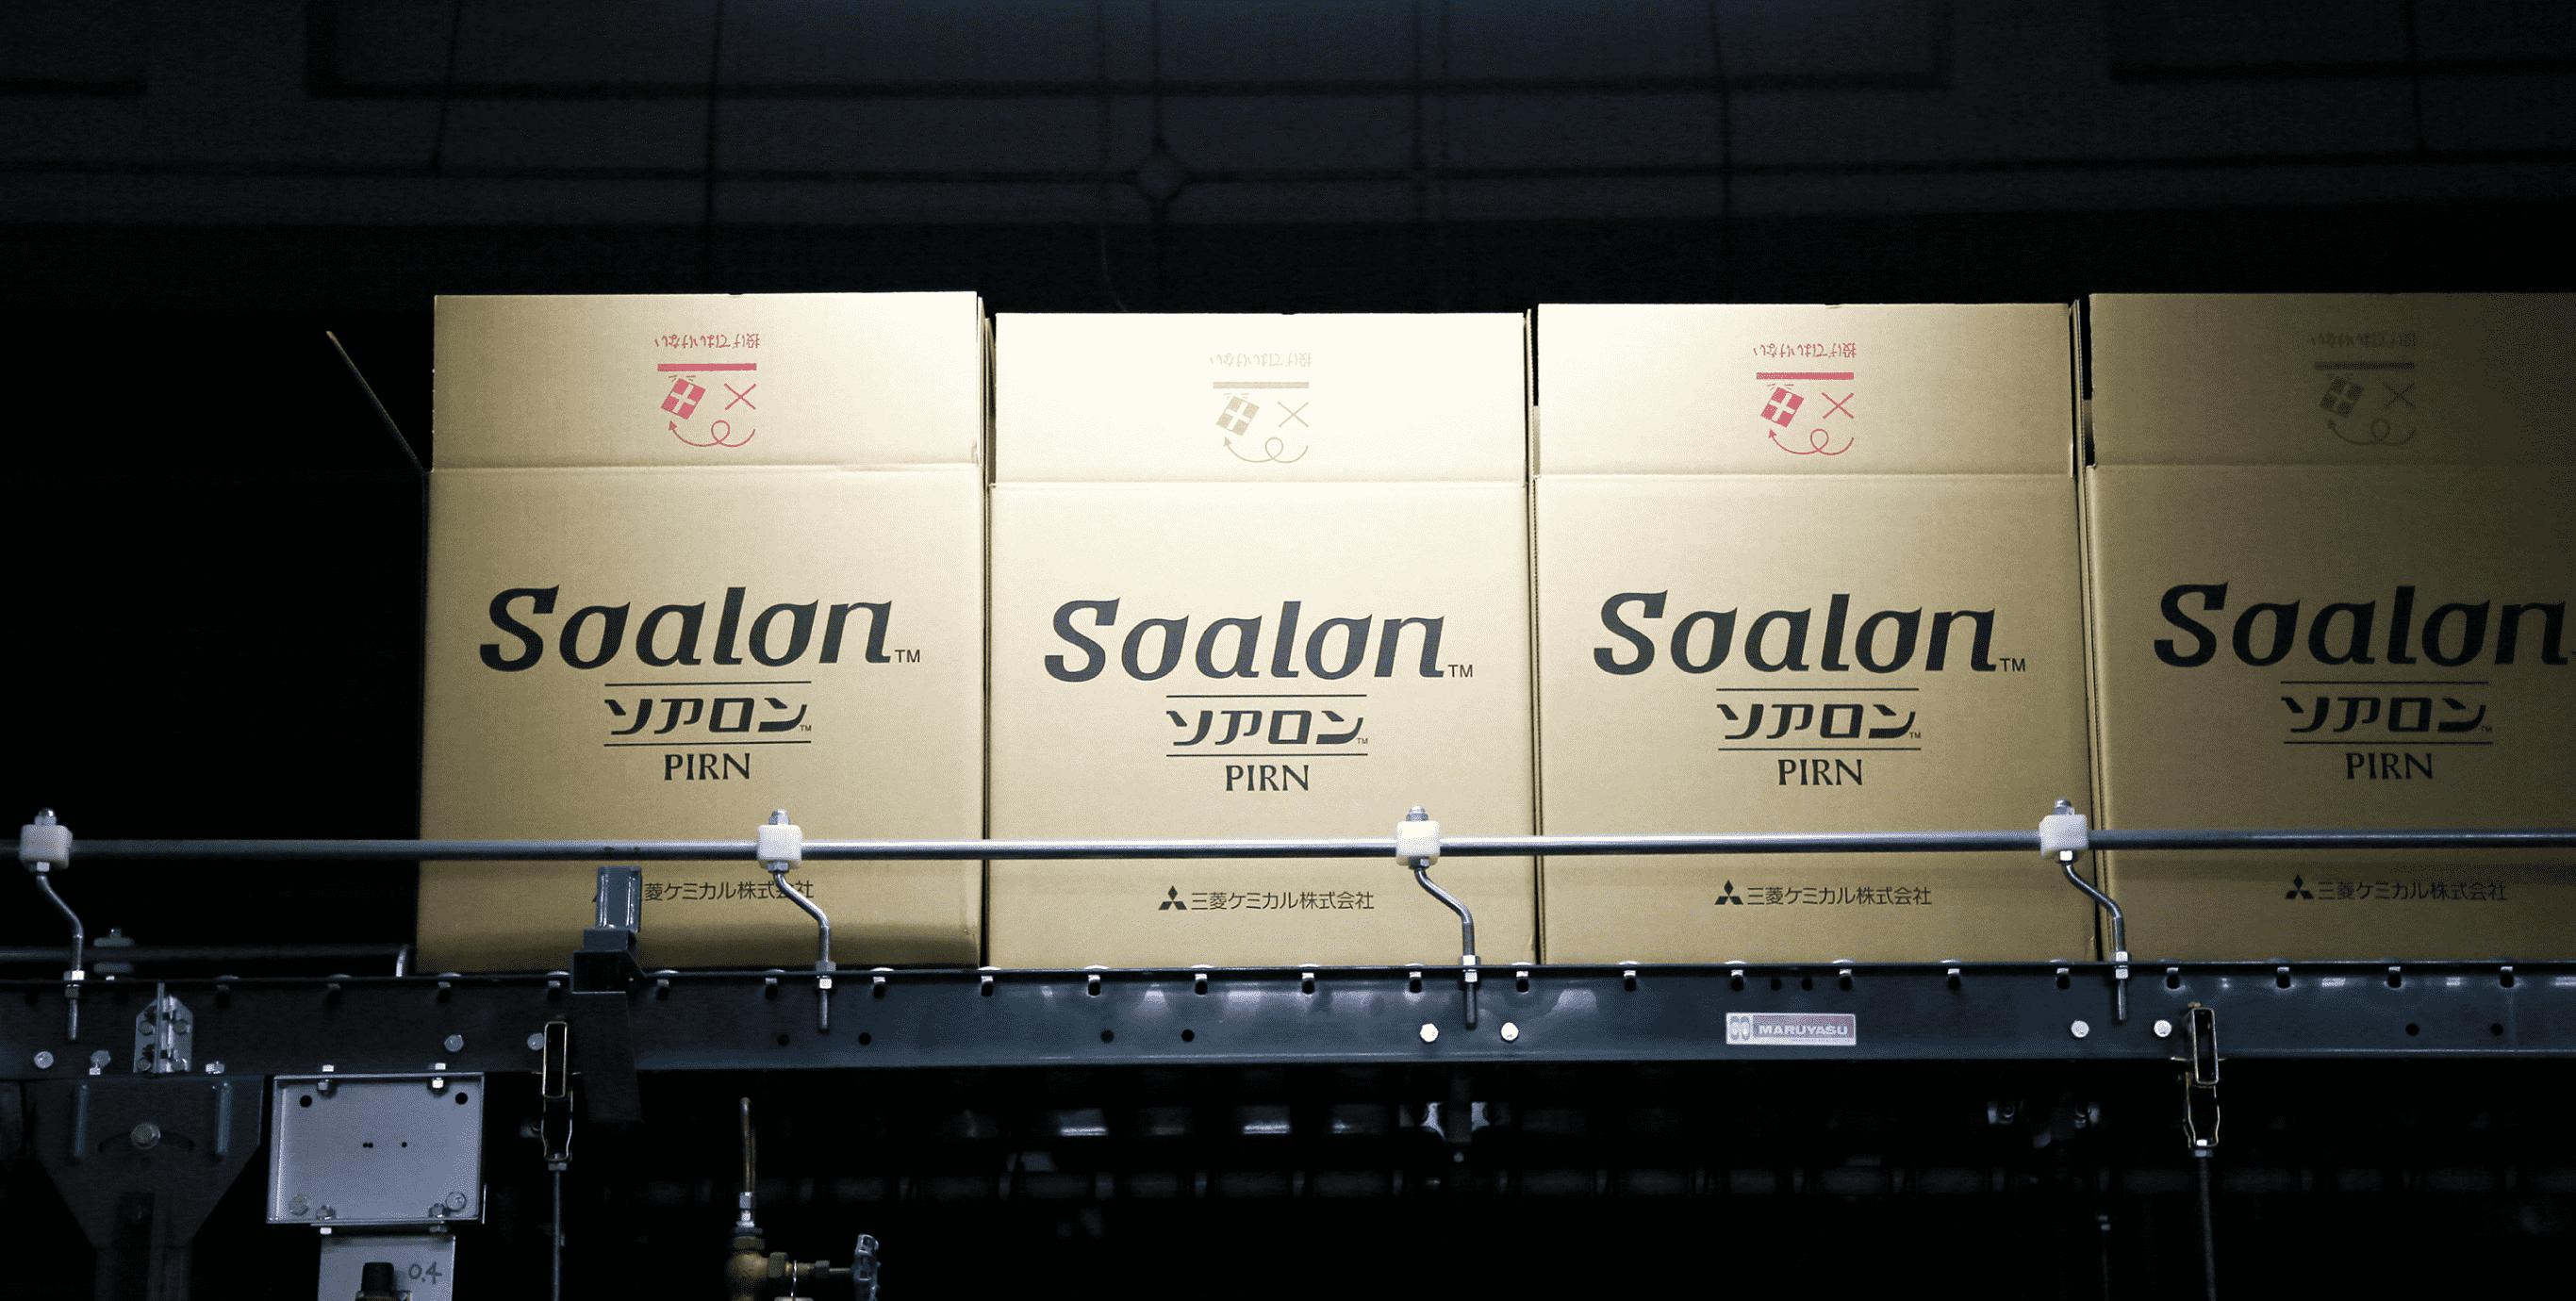 箱詰めされ出荷されるソアロン